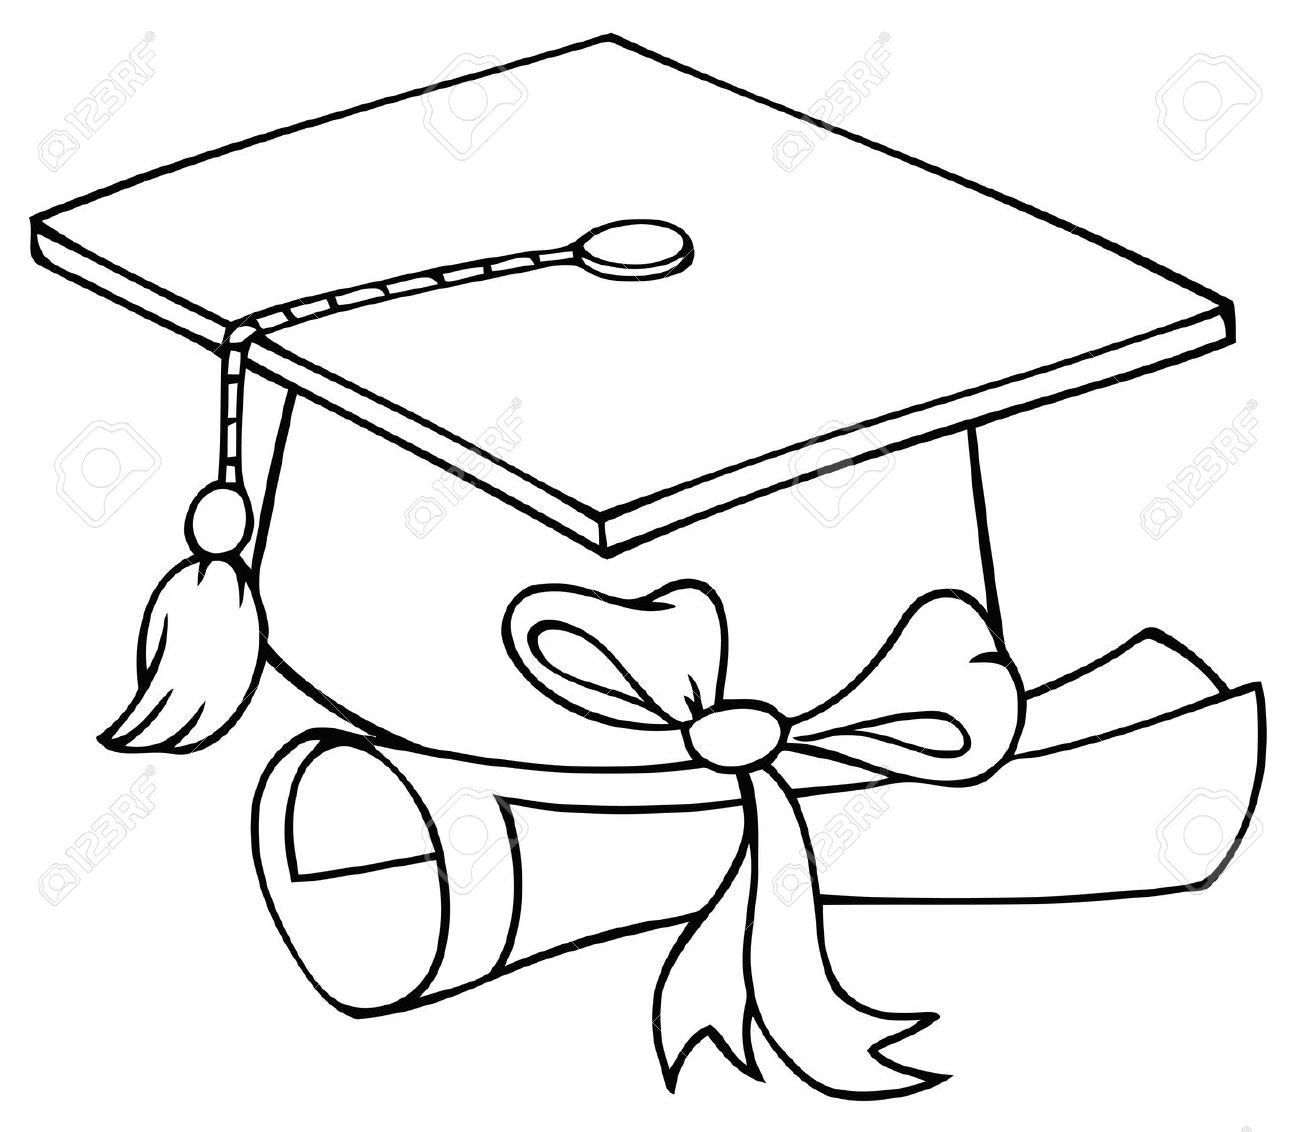 dibujos birrete y diploma de graduación - Buscar con Google ...